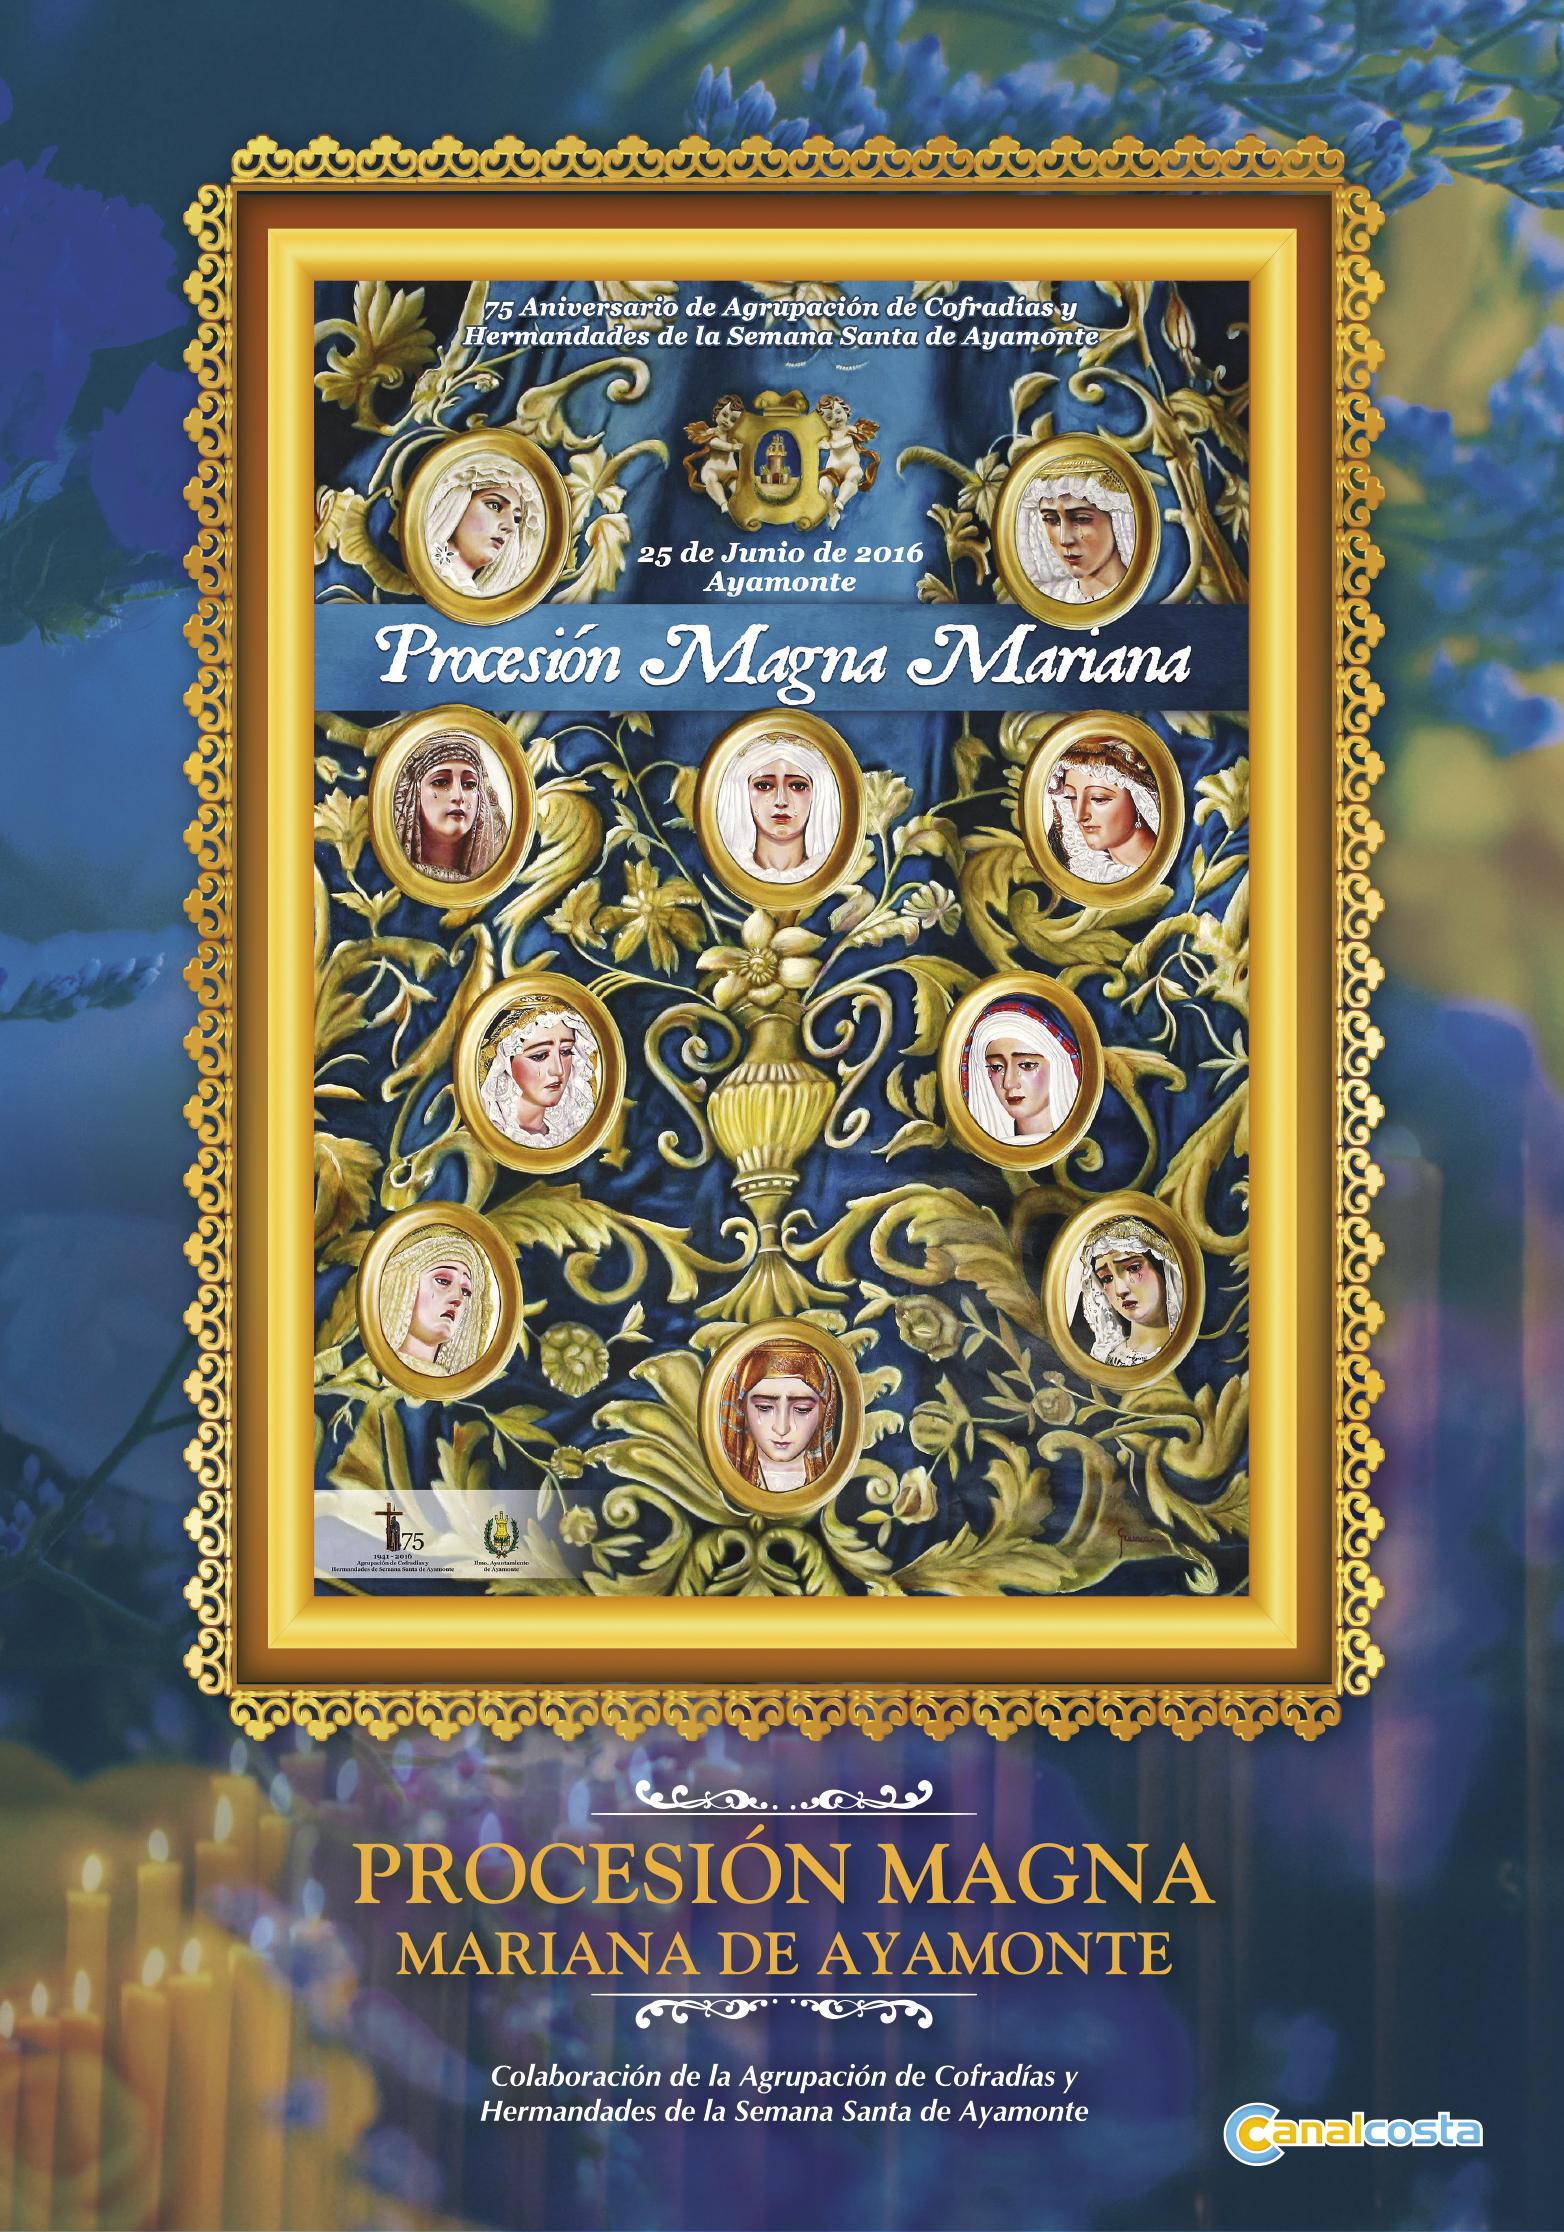 La Procesión Magna Mariana de Ayamonte tendrá un DVD especial con motivo del primer aniversario de su celebración gracias a Canalcosta televisión